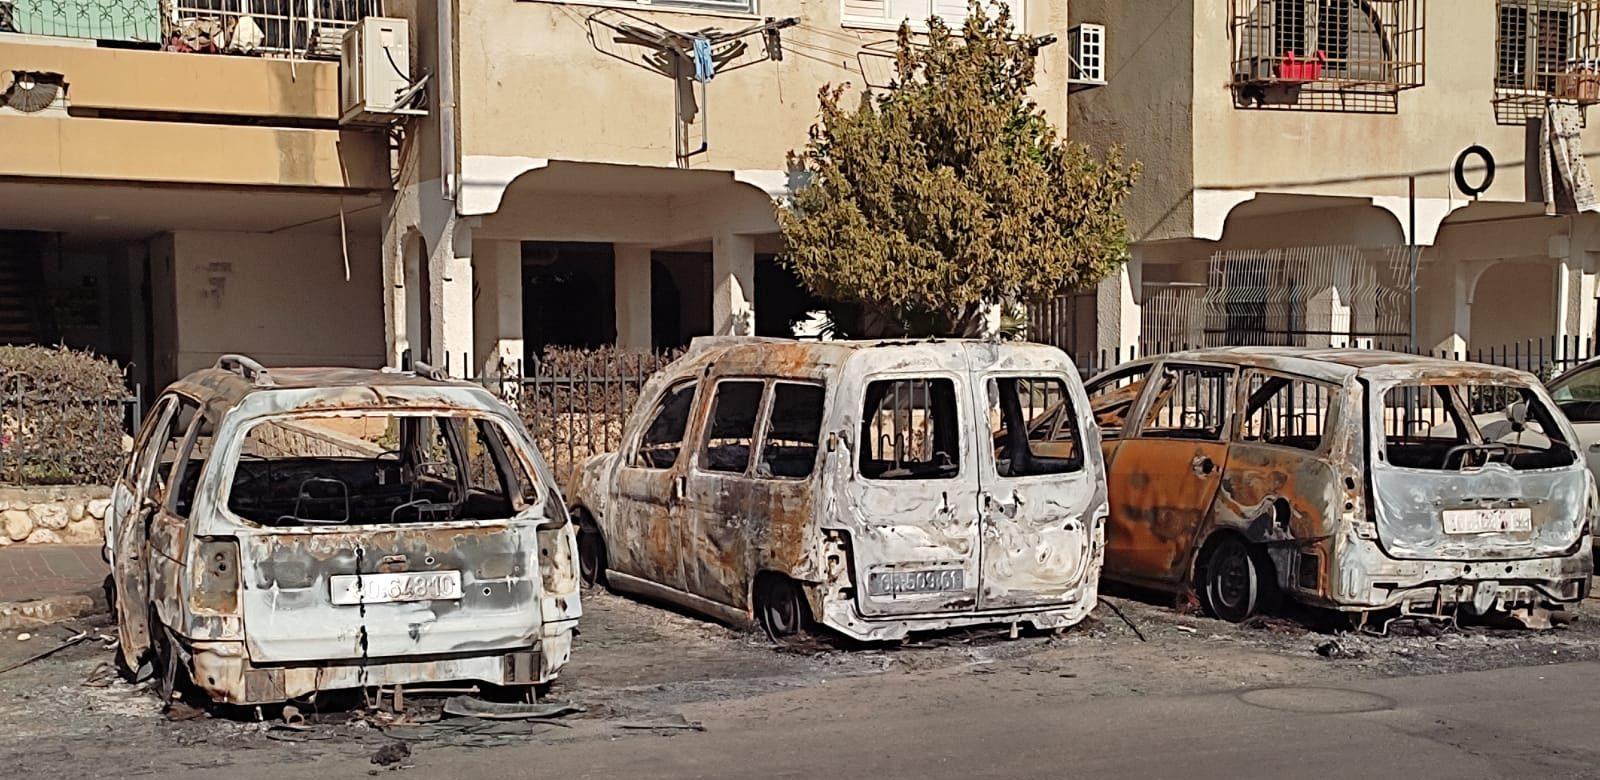 תמונה של ערים מעורבות: מכוניות שרופות בלוד